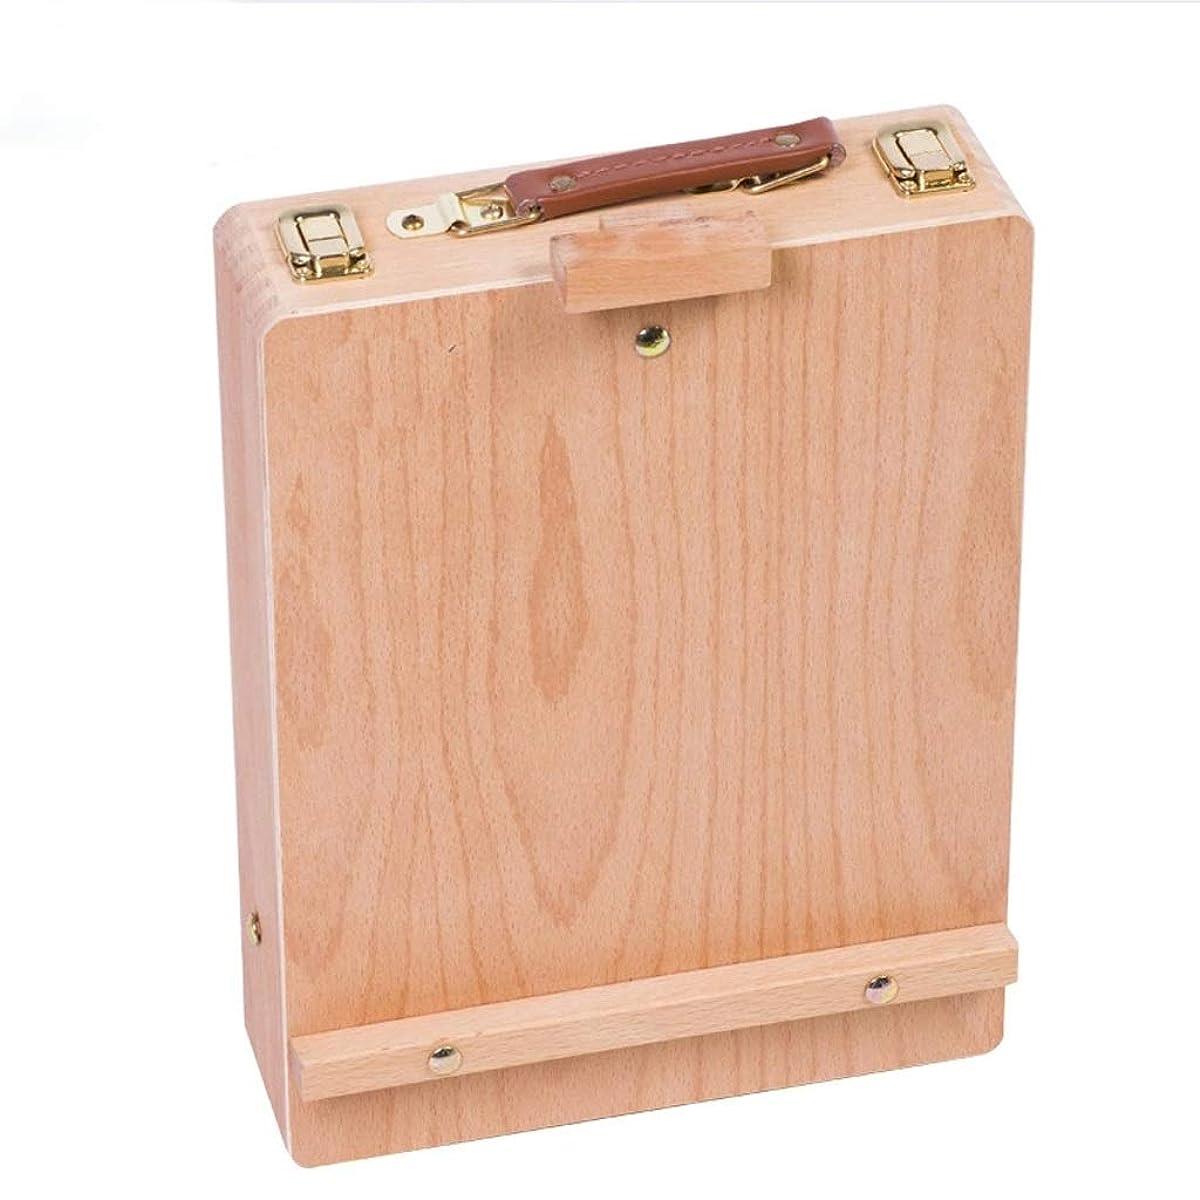 ミリメーターパイプライン飢えHBJP ポータブル油絵箱、油絵の具キット、遠出のための便利な収納、ユーカリ生産36 * 27 * 11.5(76)cm イーゼル